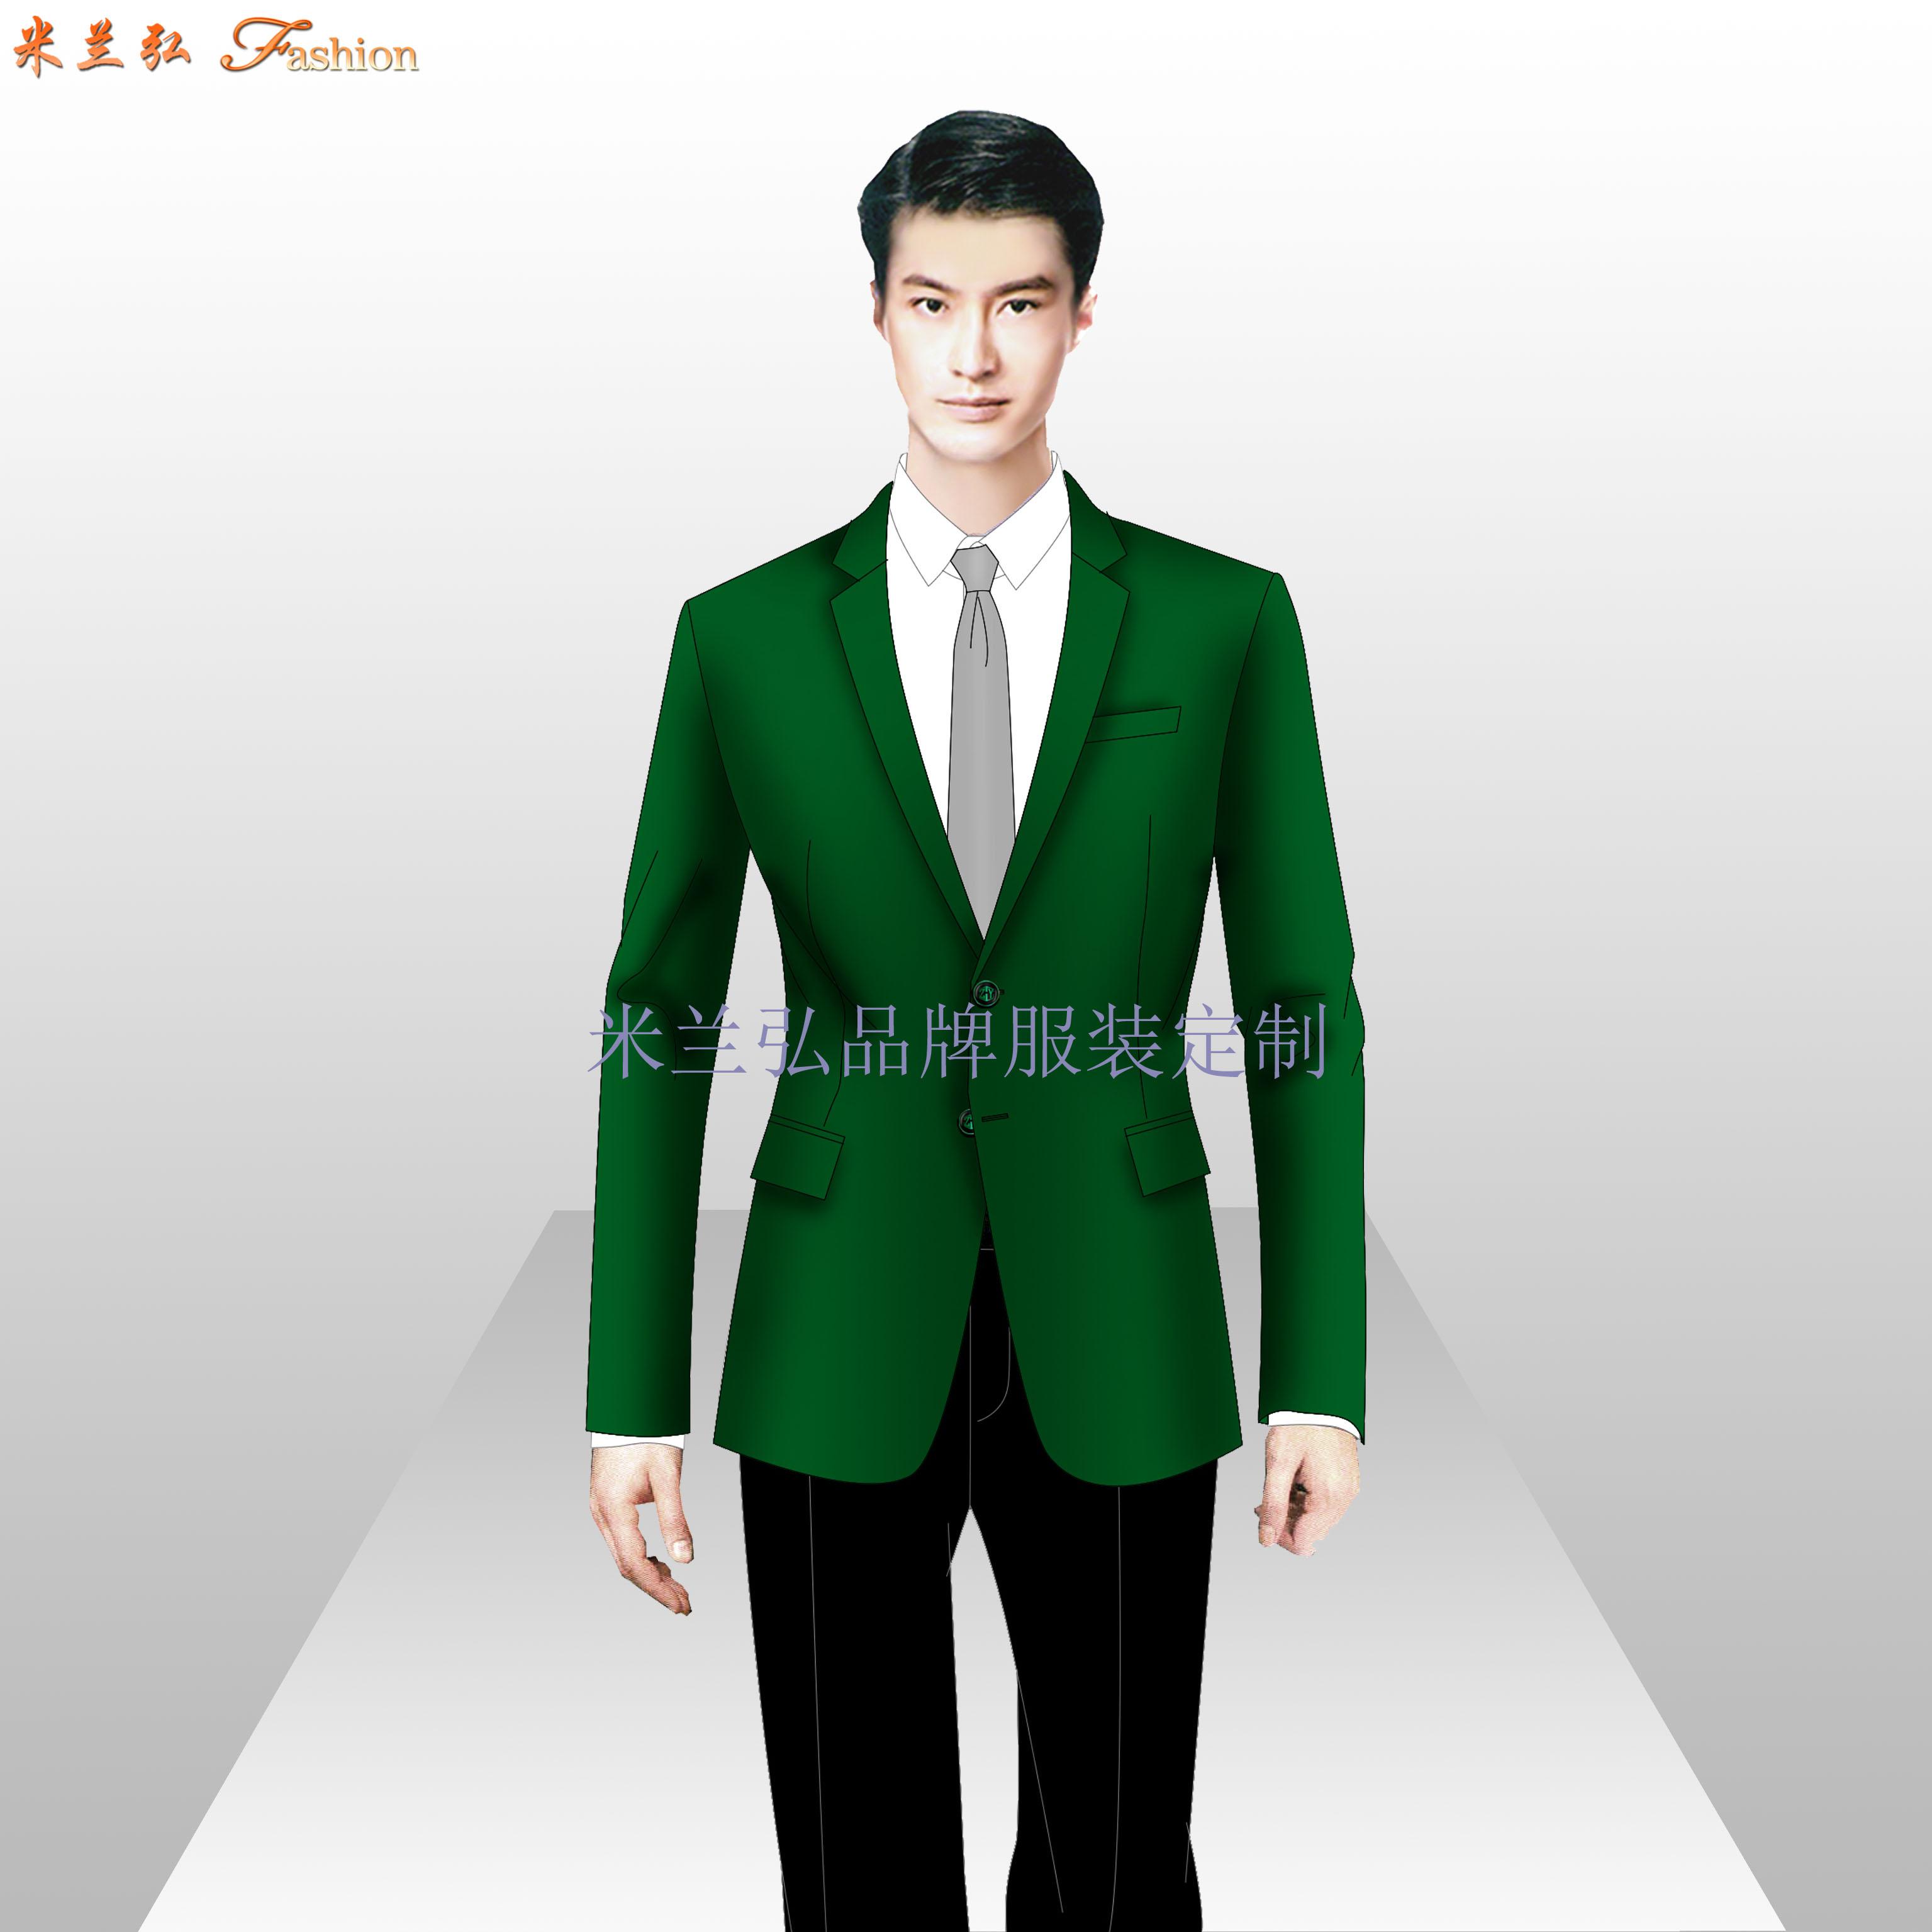 南京西服定制_南京西裝訂做-米蘭弘服裝廠家-3